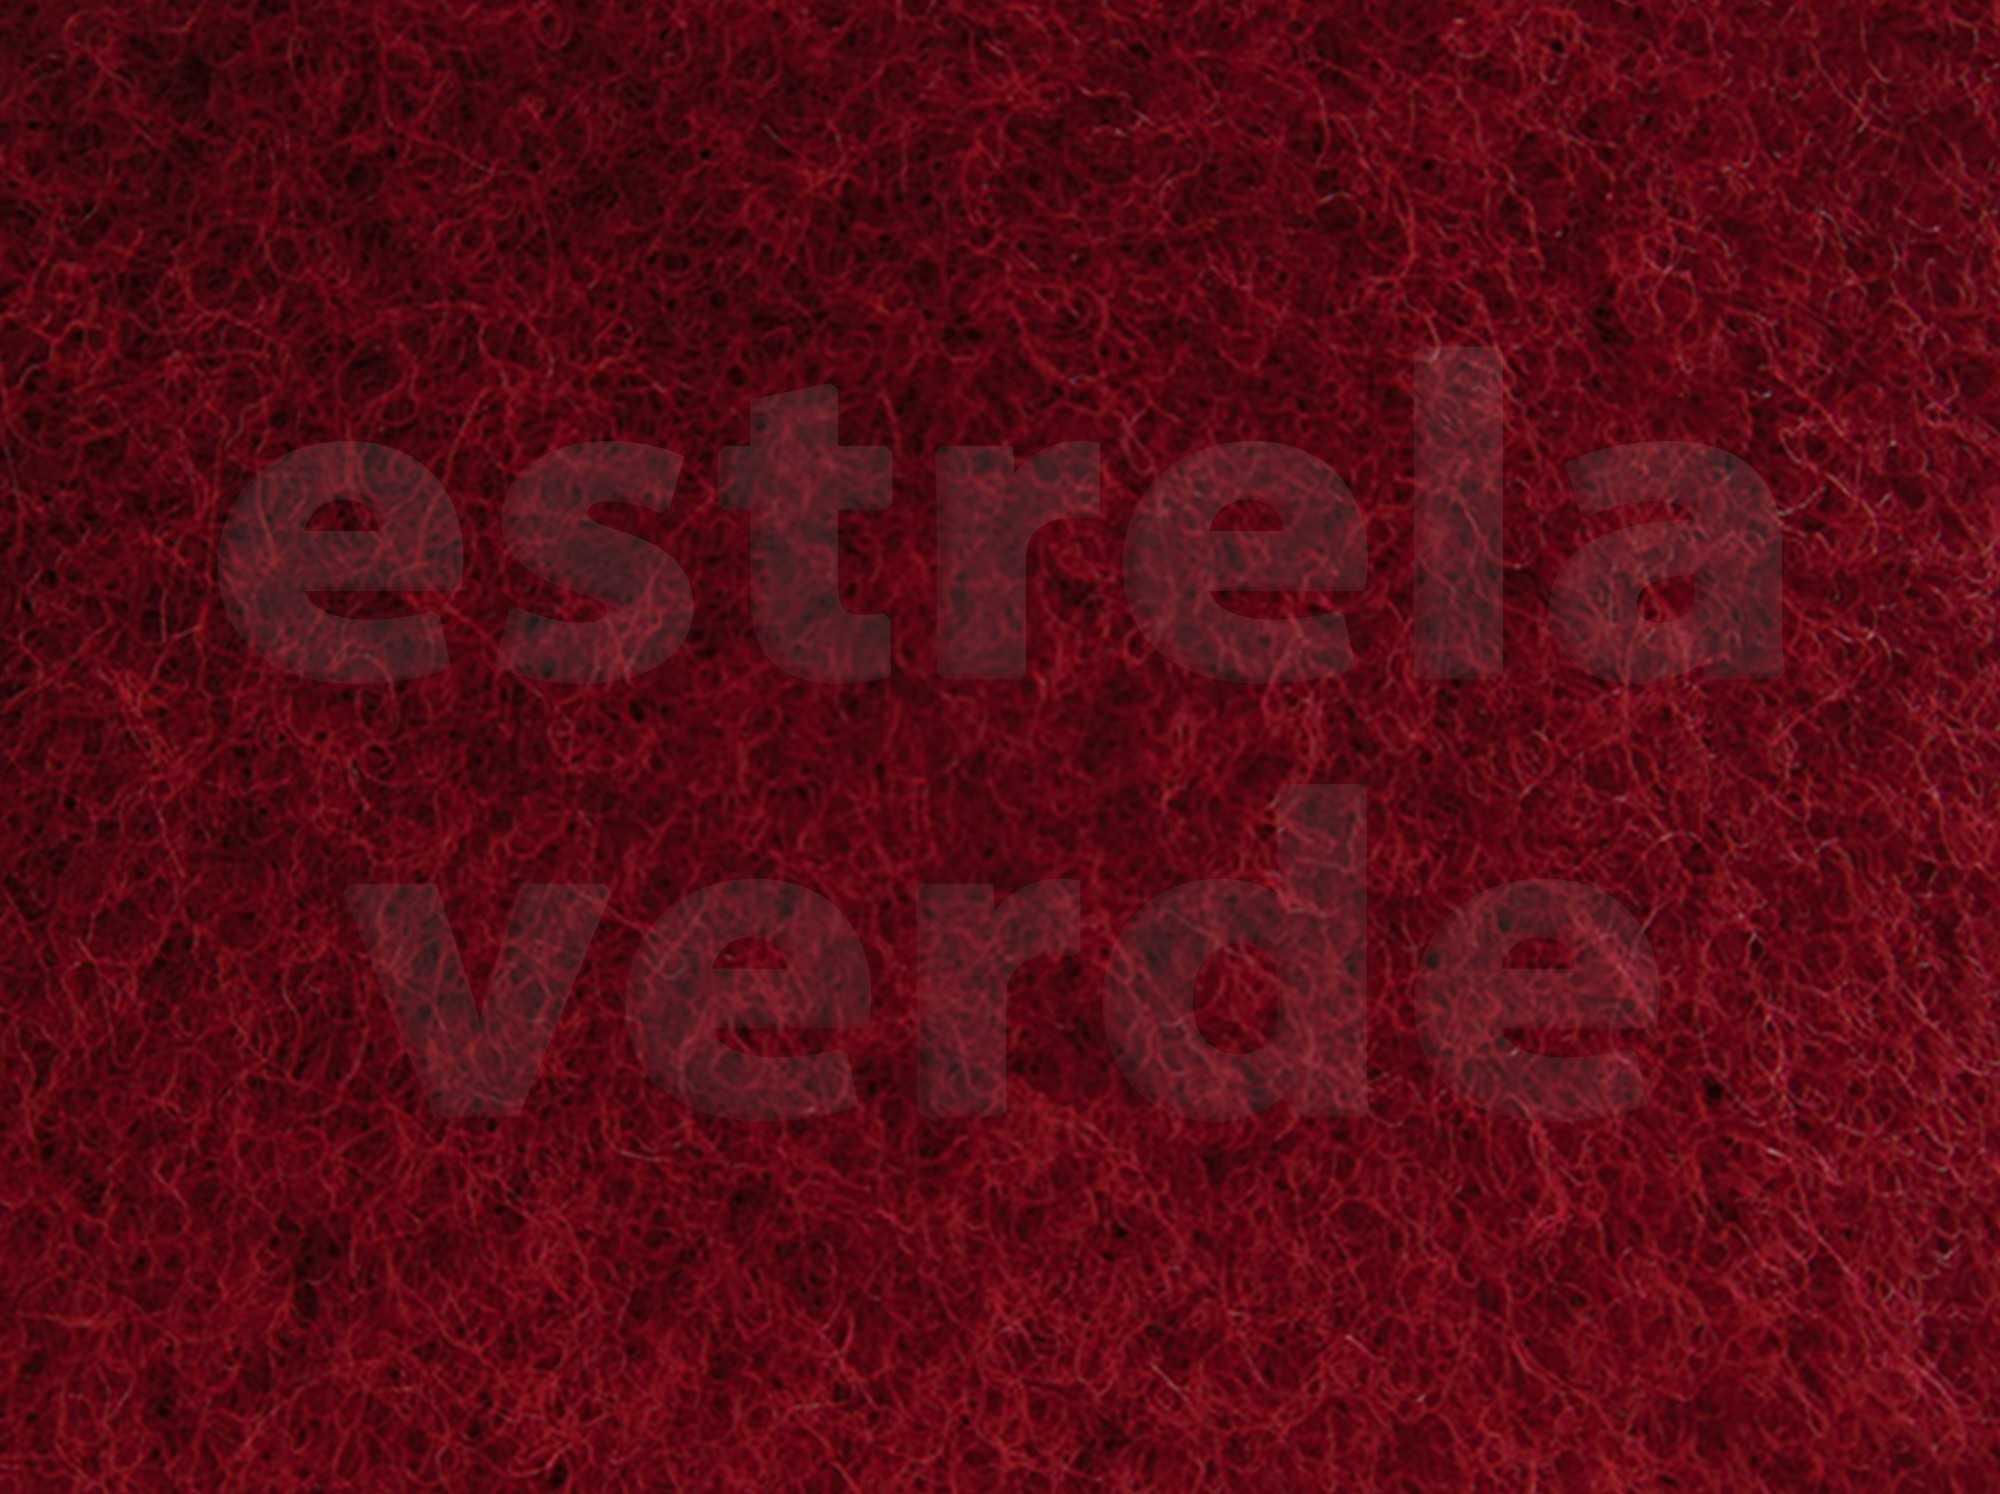 CARPETE VERMELHO C/ RESINA (210) 2,00 LARG  - Estrela Verde